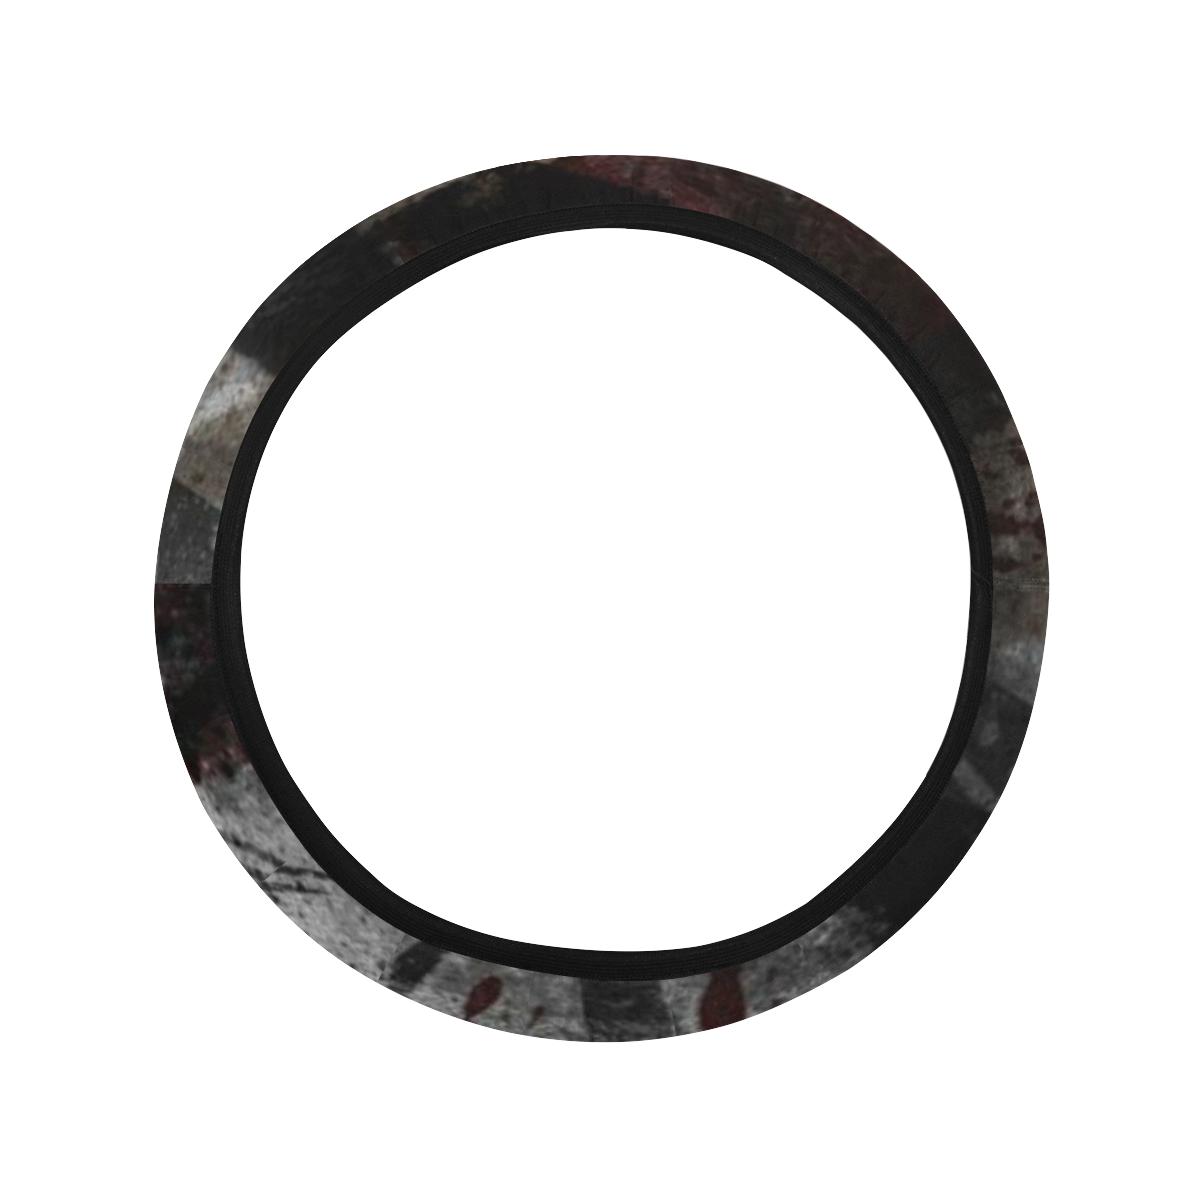 Steering Wheel design Steering Wheel Cover with Elastic Edge